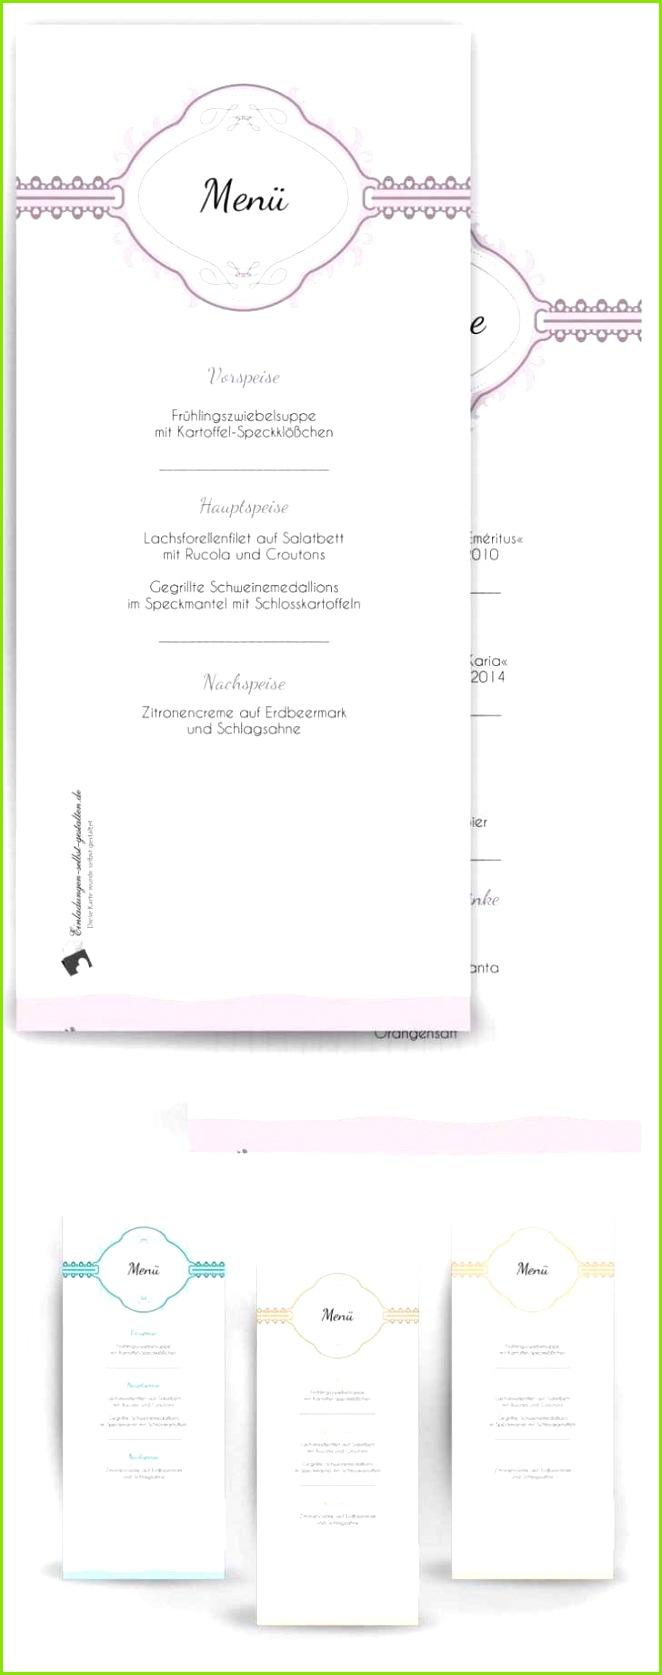 Hochzeit Kochbuch Gestalten Einzigartig Hochzeitsbuch Gestalten Vorlage Bilder Hochzeit Kochbuch Gestalten Frisch Hochzeitsbuch Gestalten Vorlage